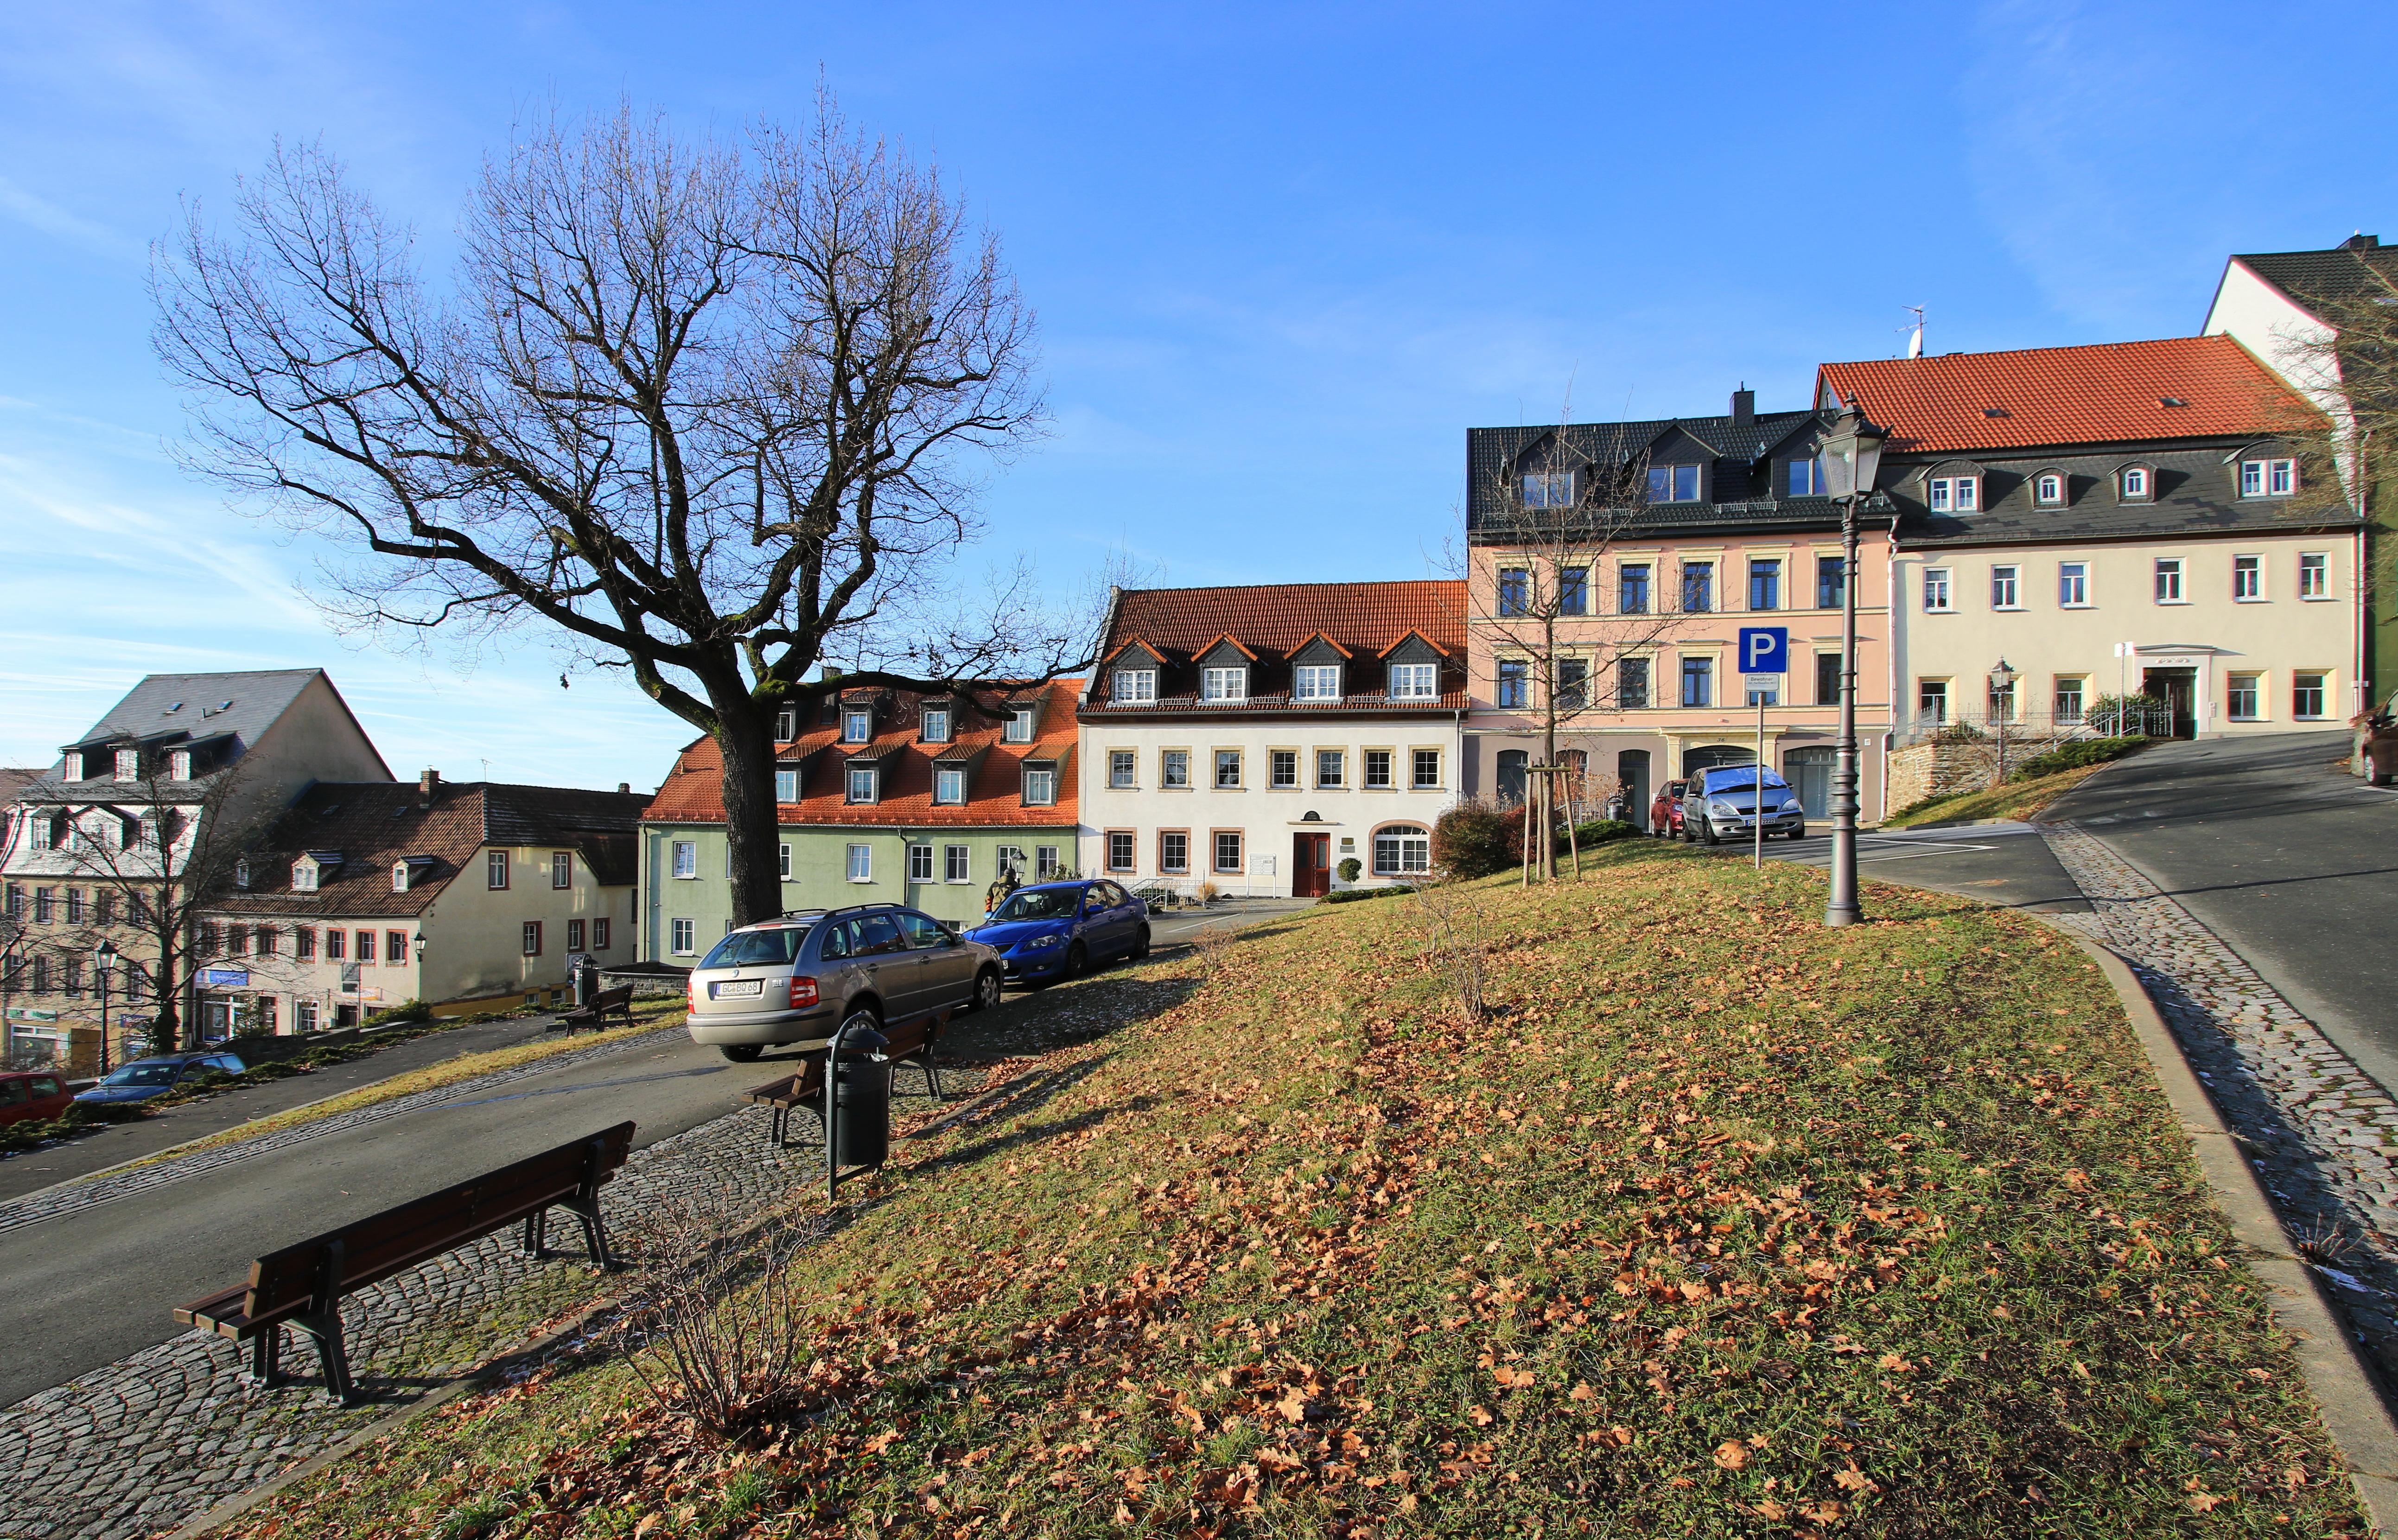 Hohenstein Ernstthal